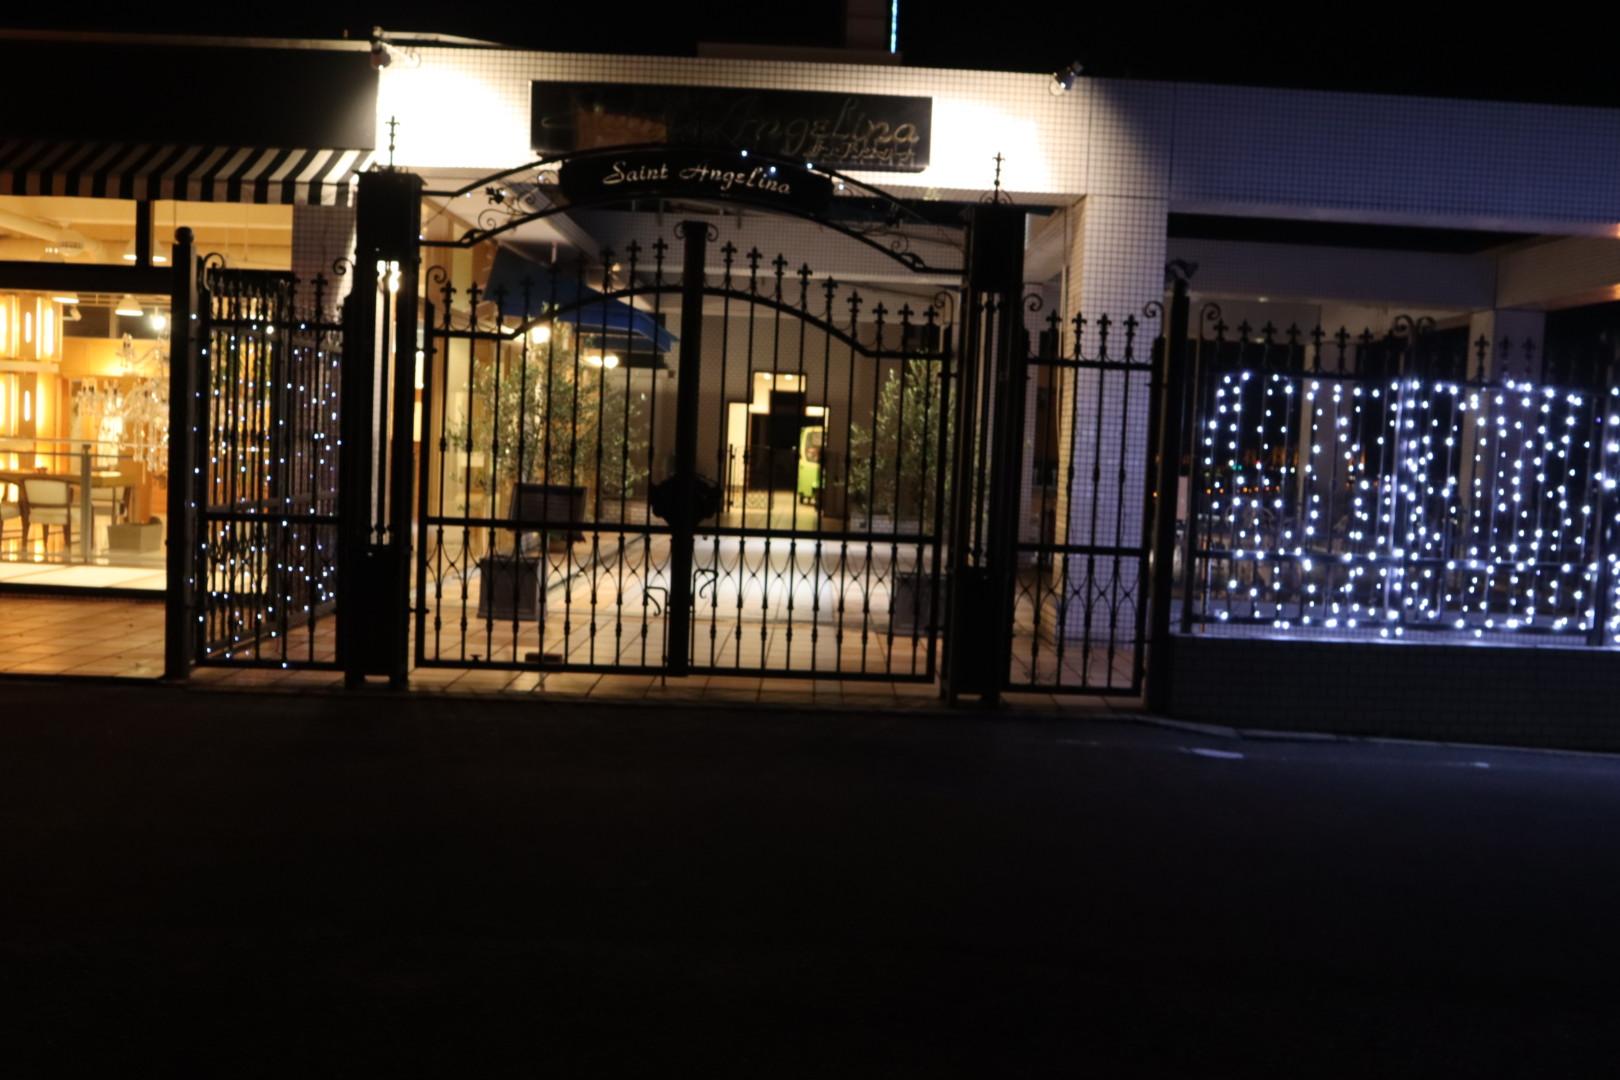 香川県宇多津町 天使のすむ丘 サン・アンジェリーナ展望台